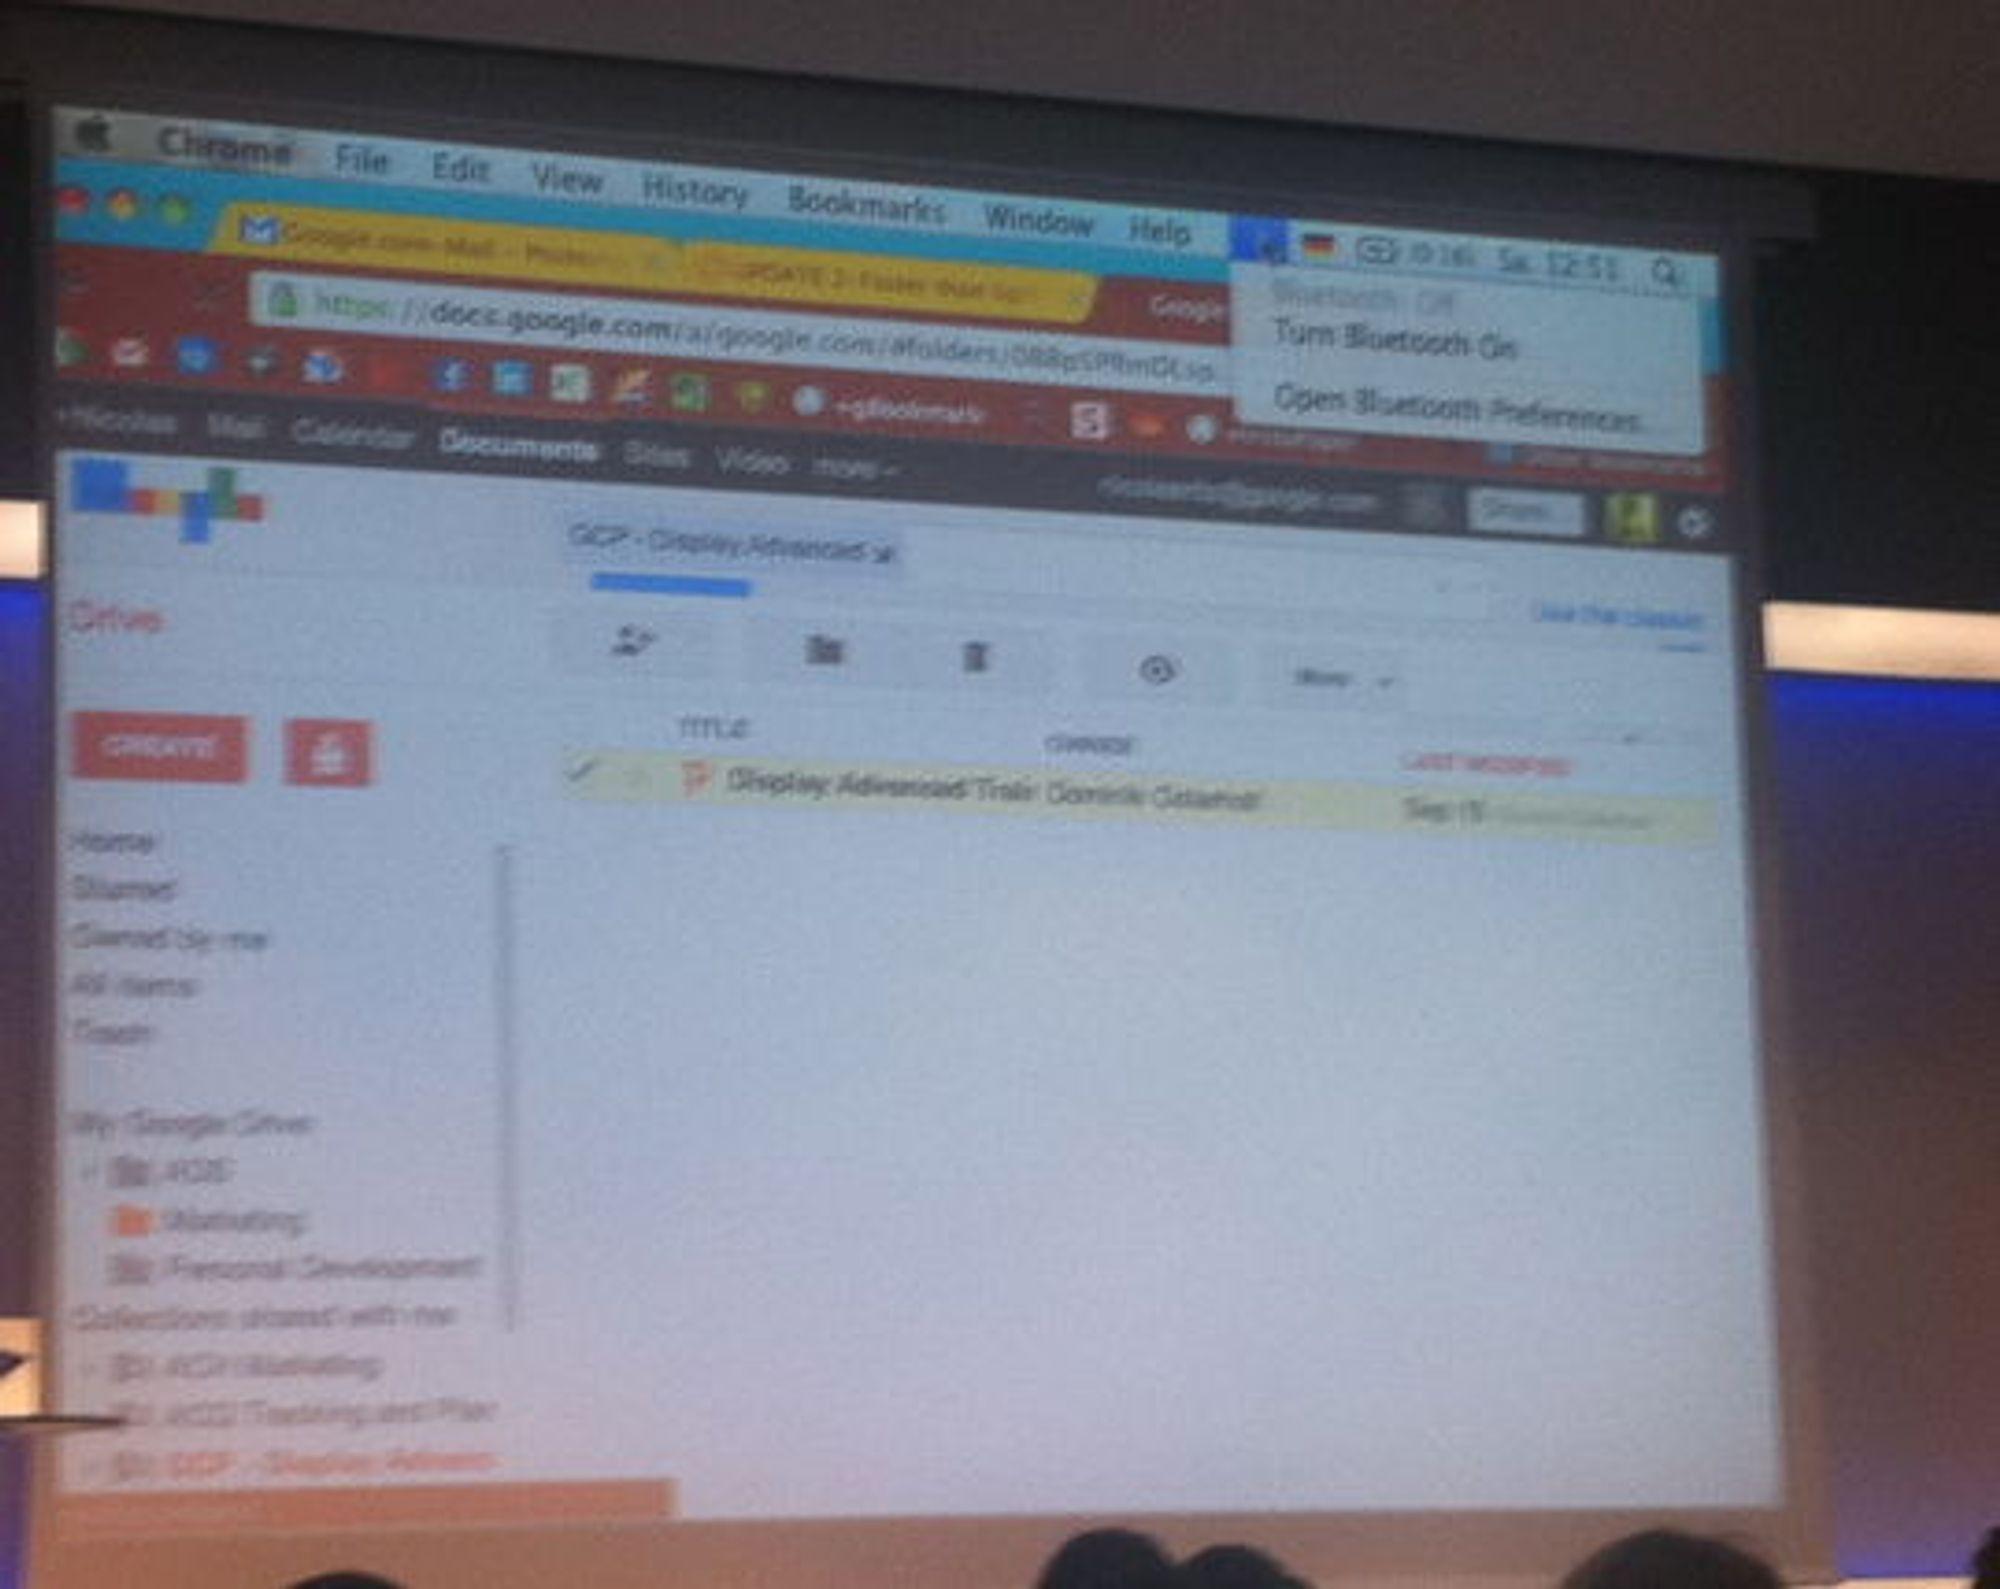 Et bilde av det som kanskje er en kommende lagringstjeneste fra Google.